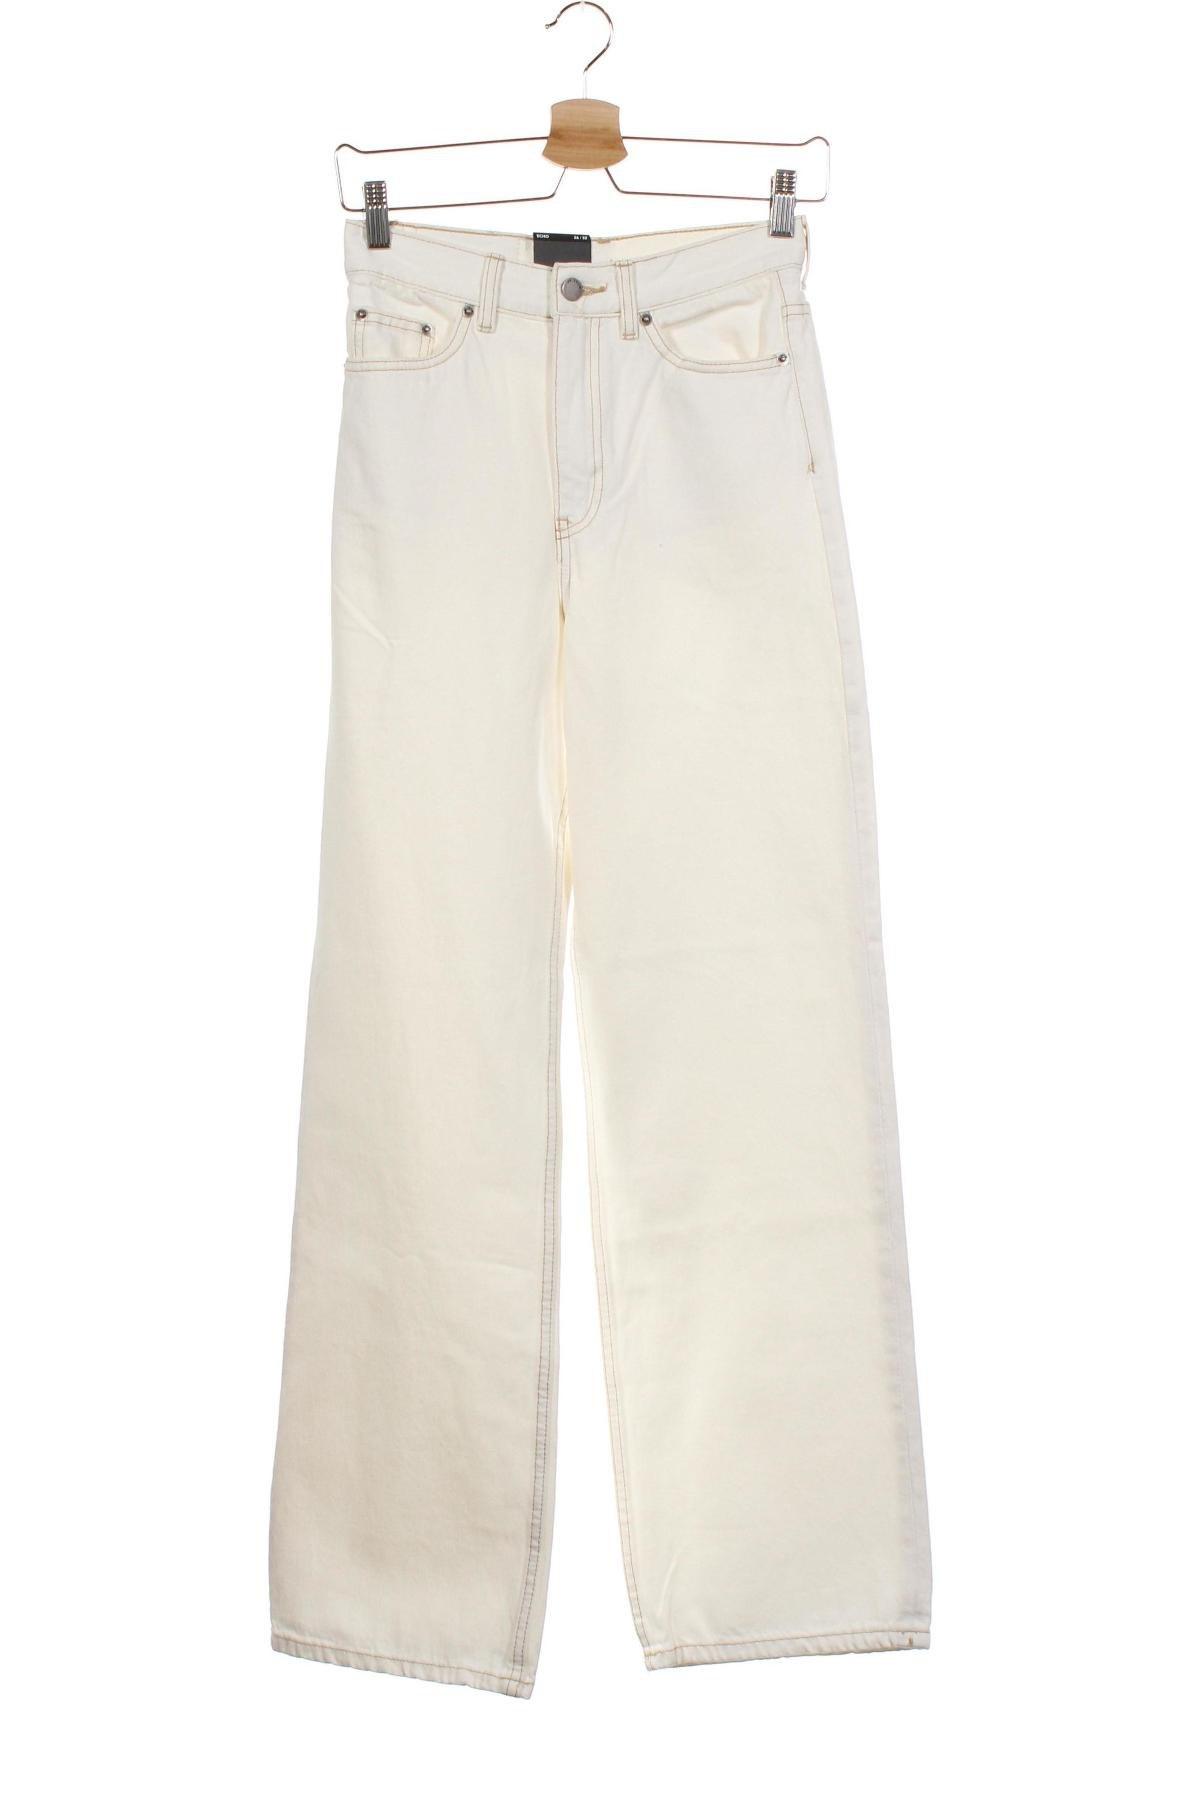 Дамски дънки Dr. Denim, Размер XS, Цвят Бял, Памук, Цена 25,84лв.